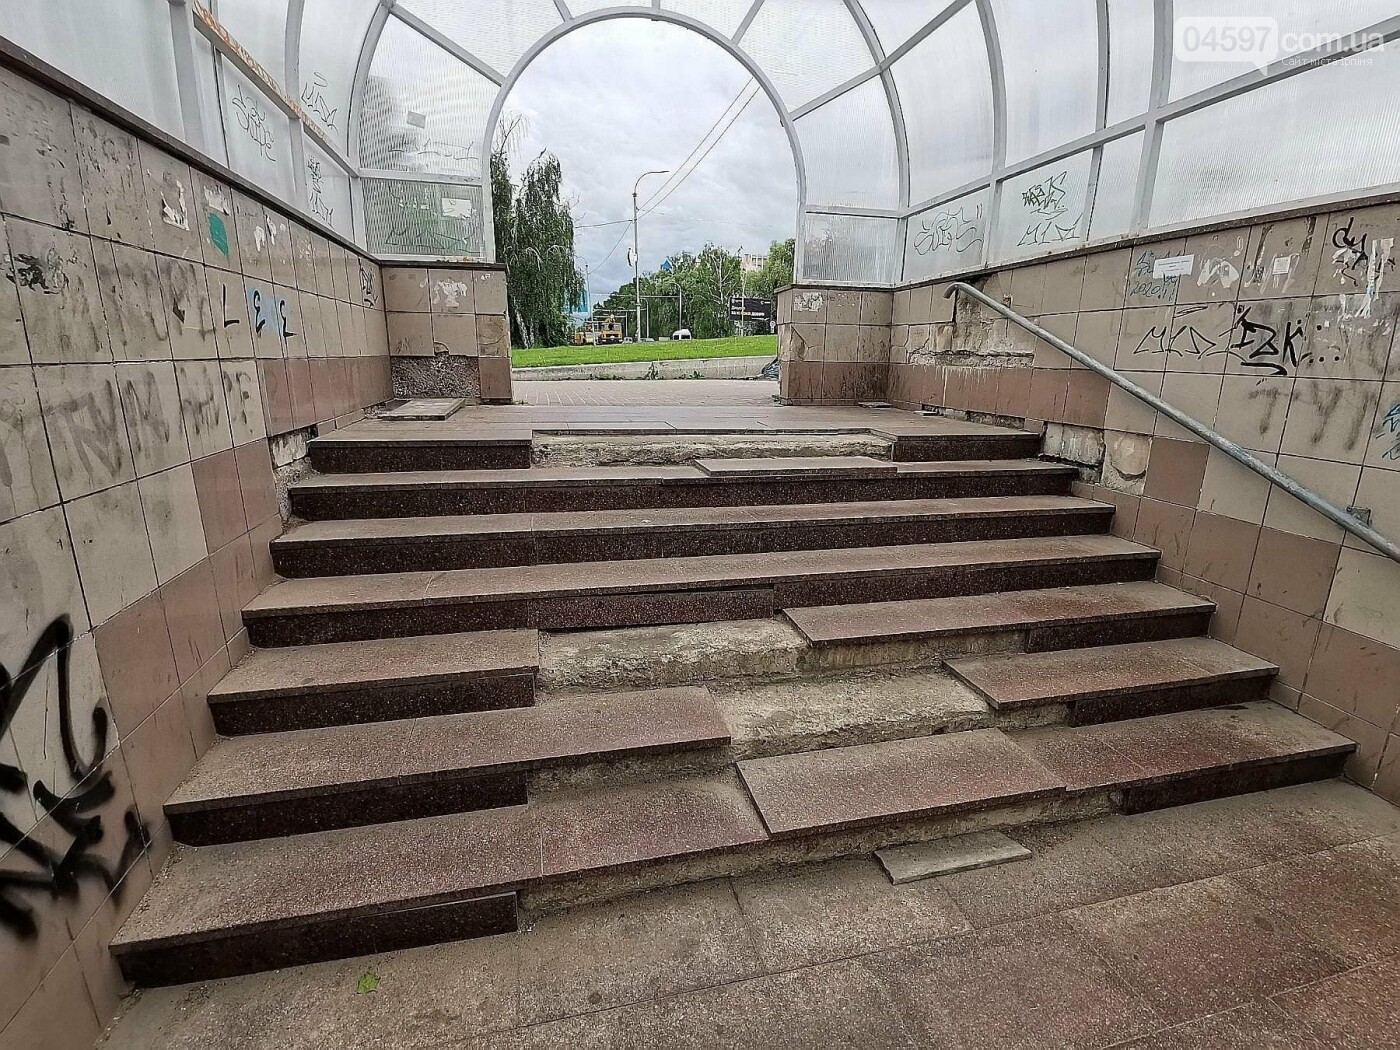 Занедбаний перехід в Бучі (Київщина)